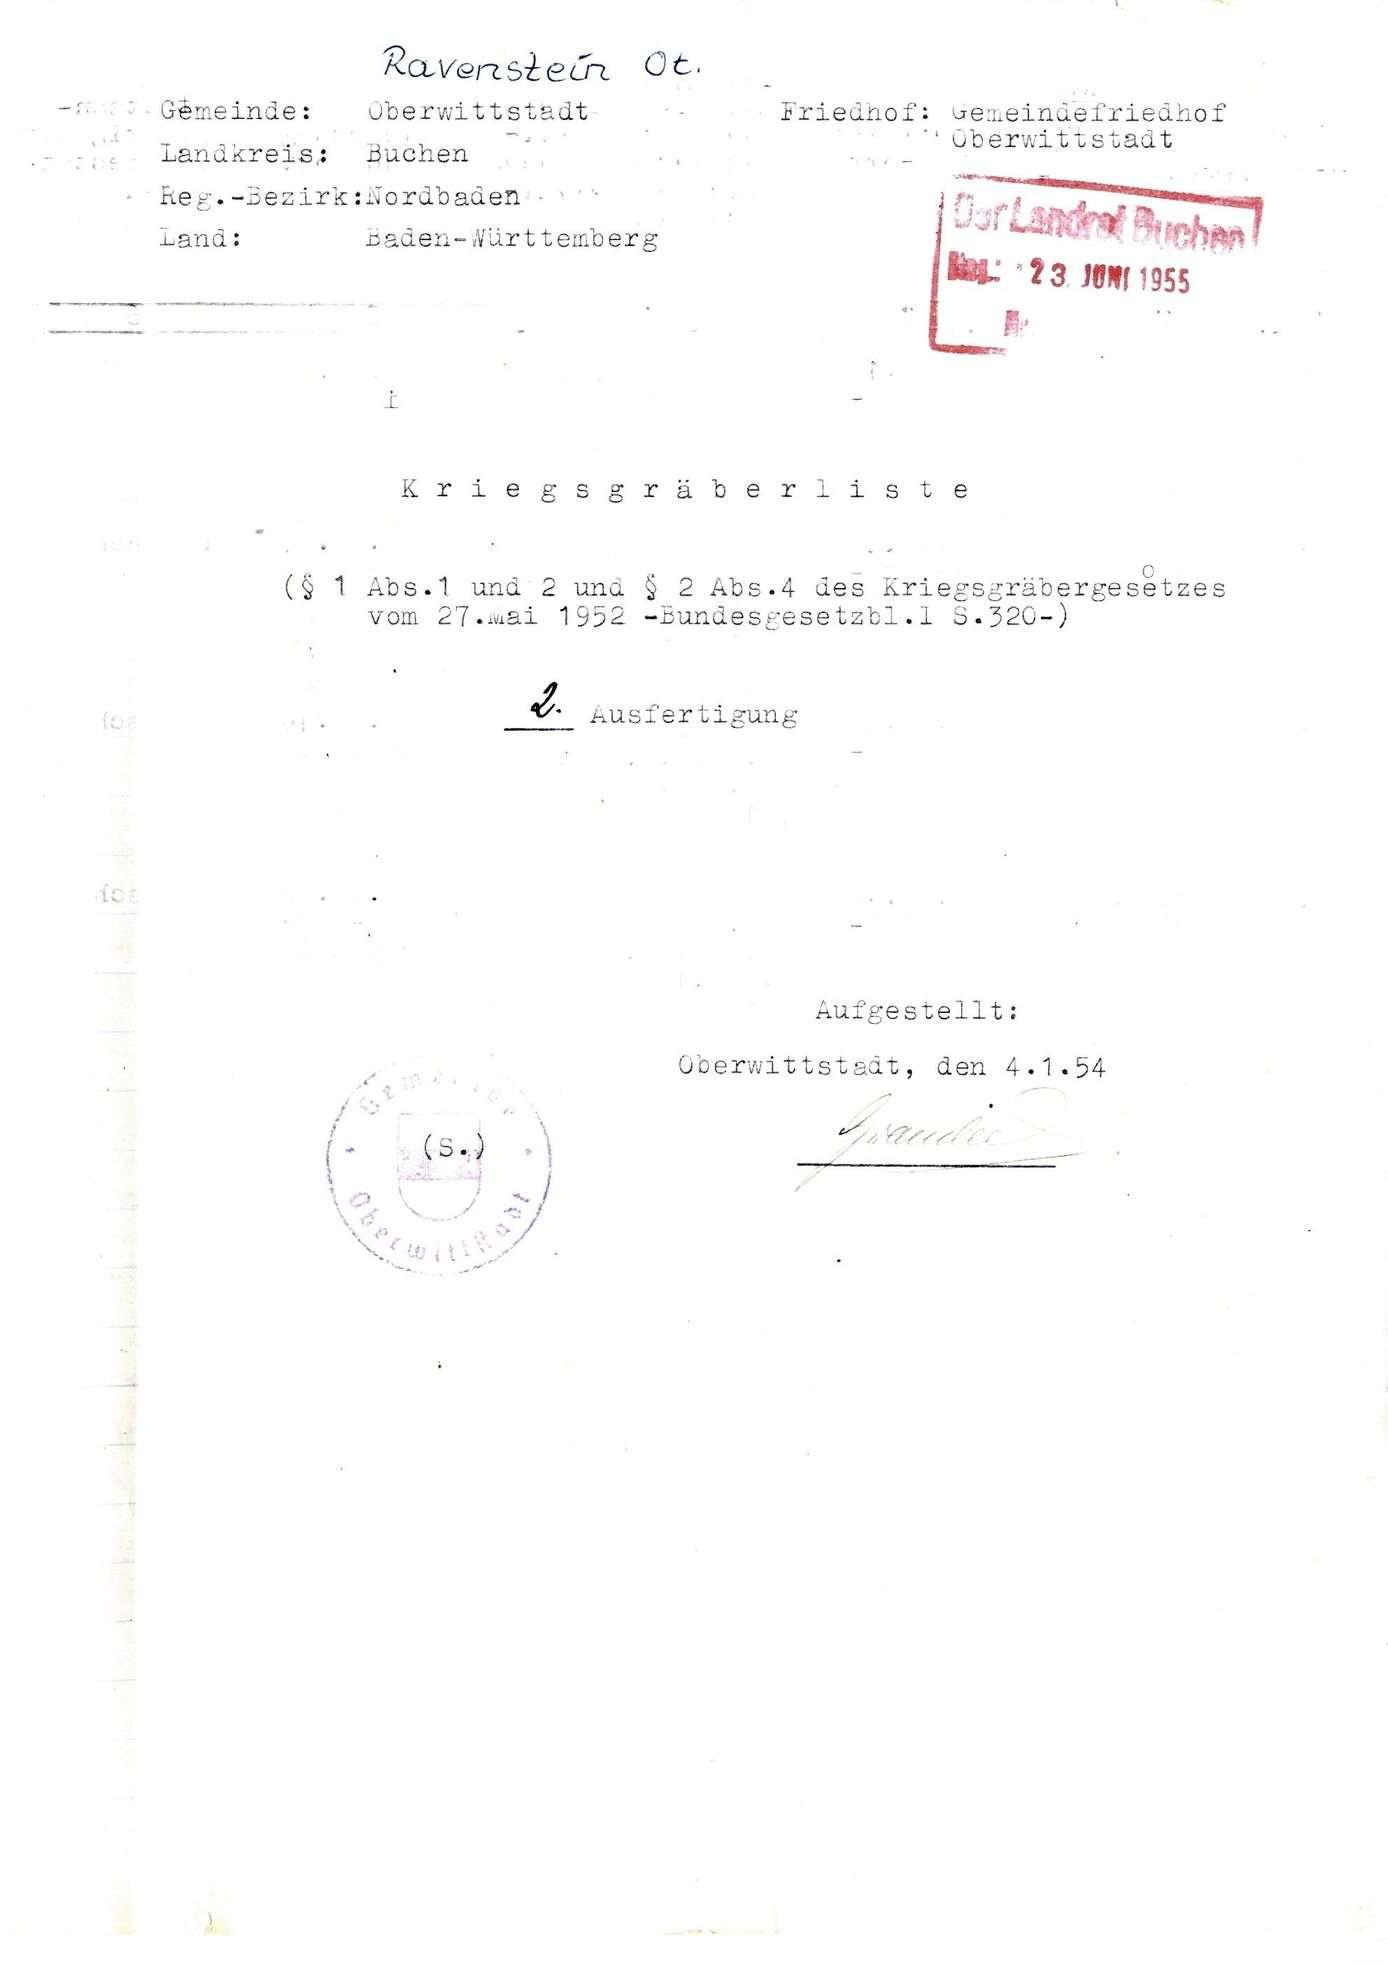 Oberwittstadt, Bild 1